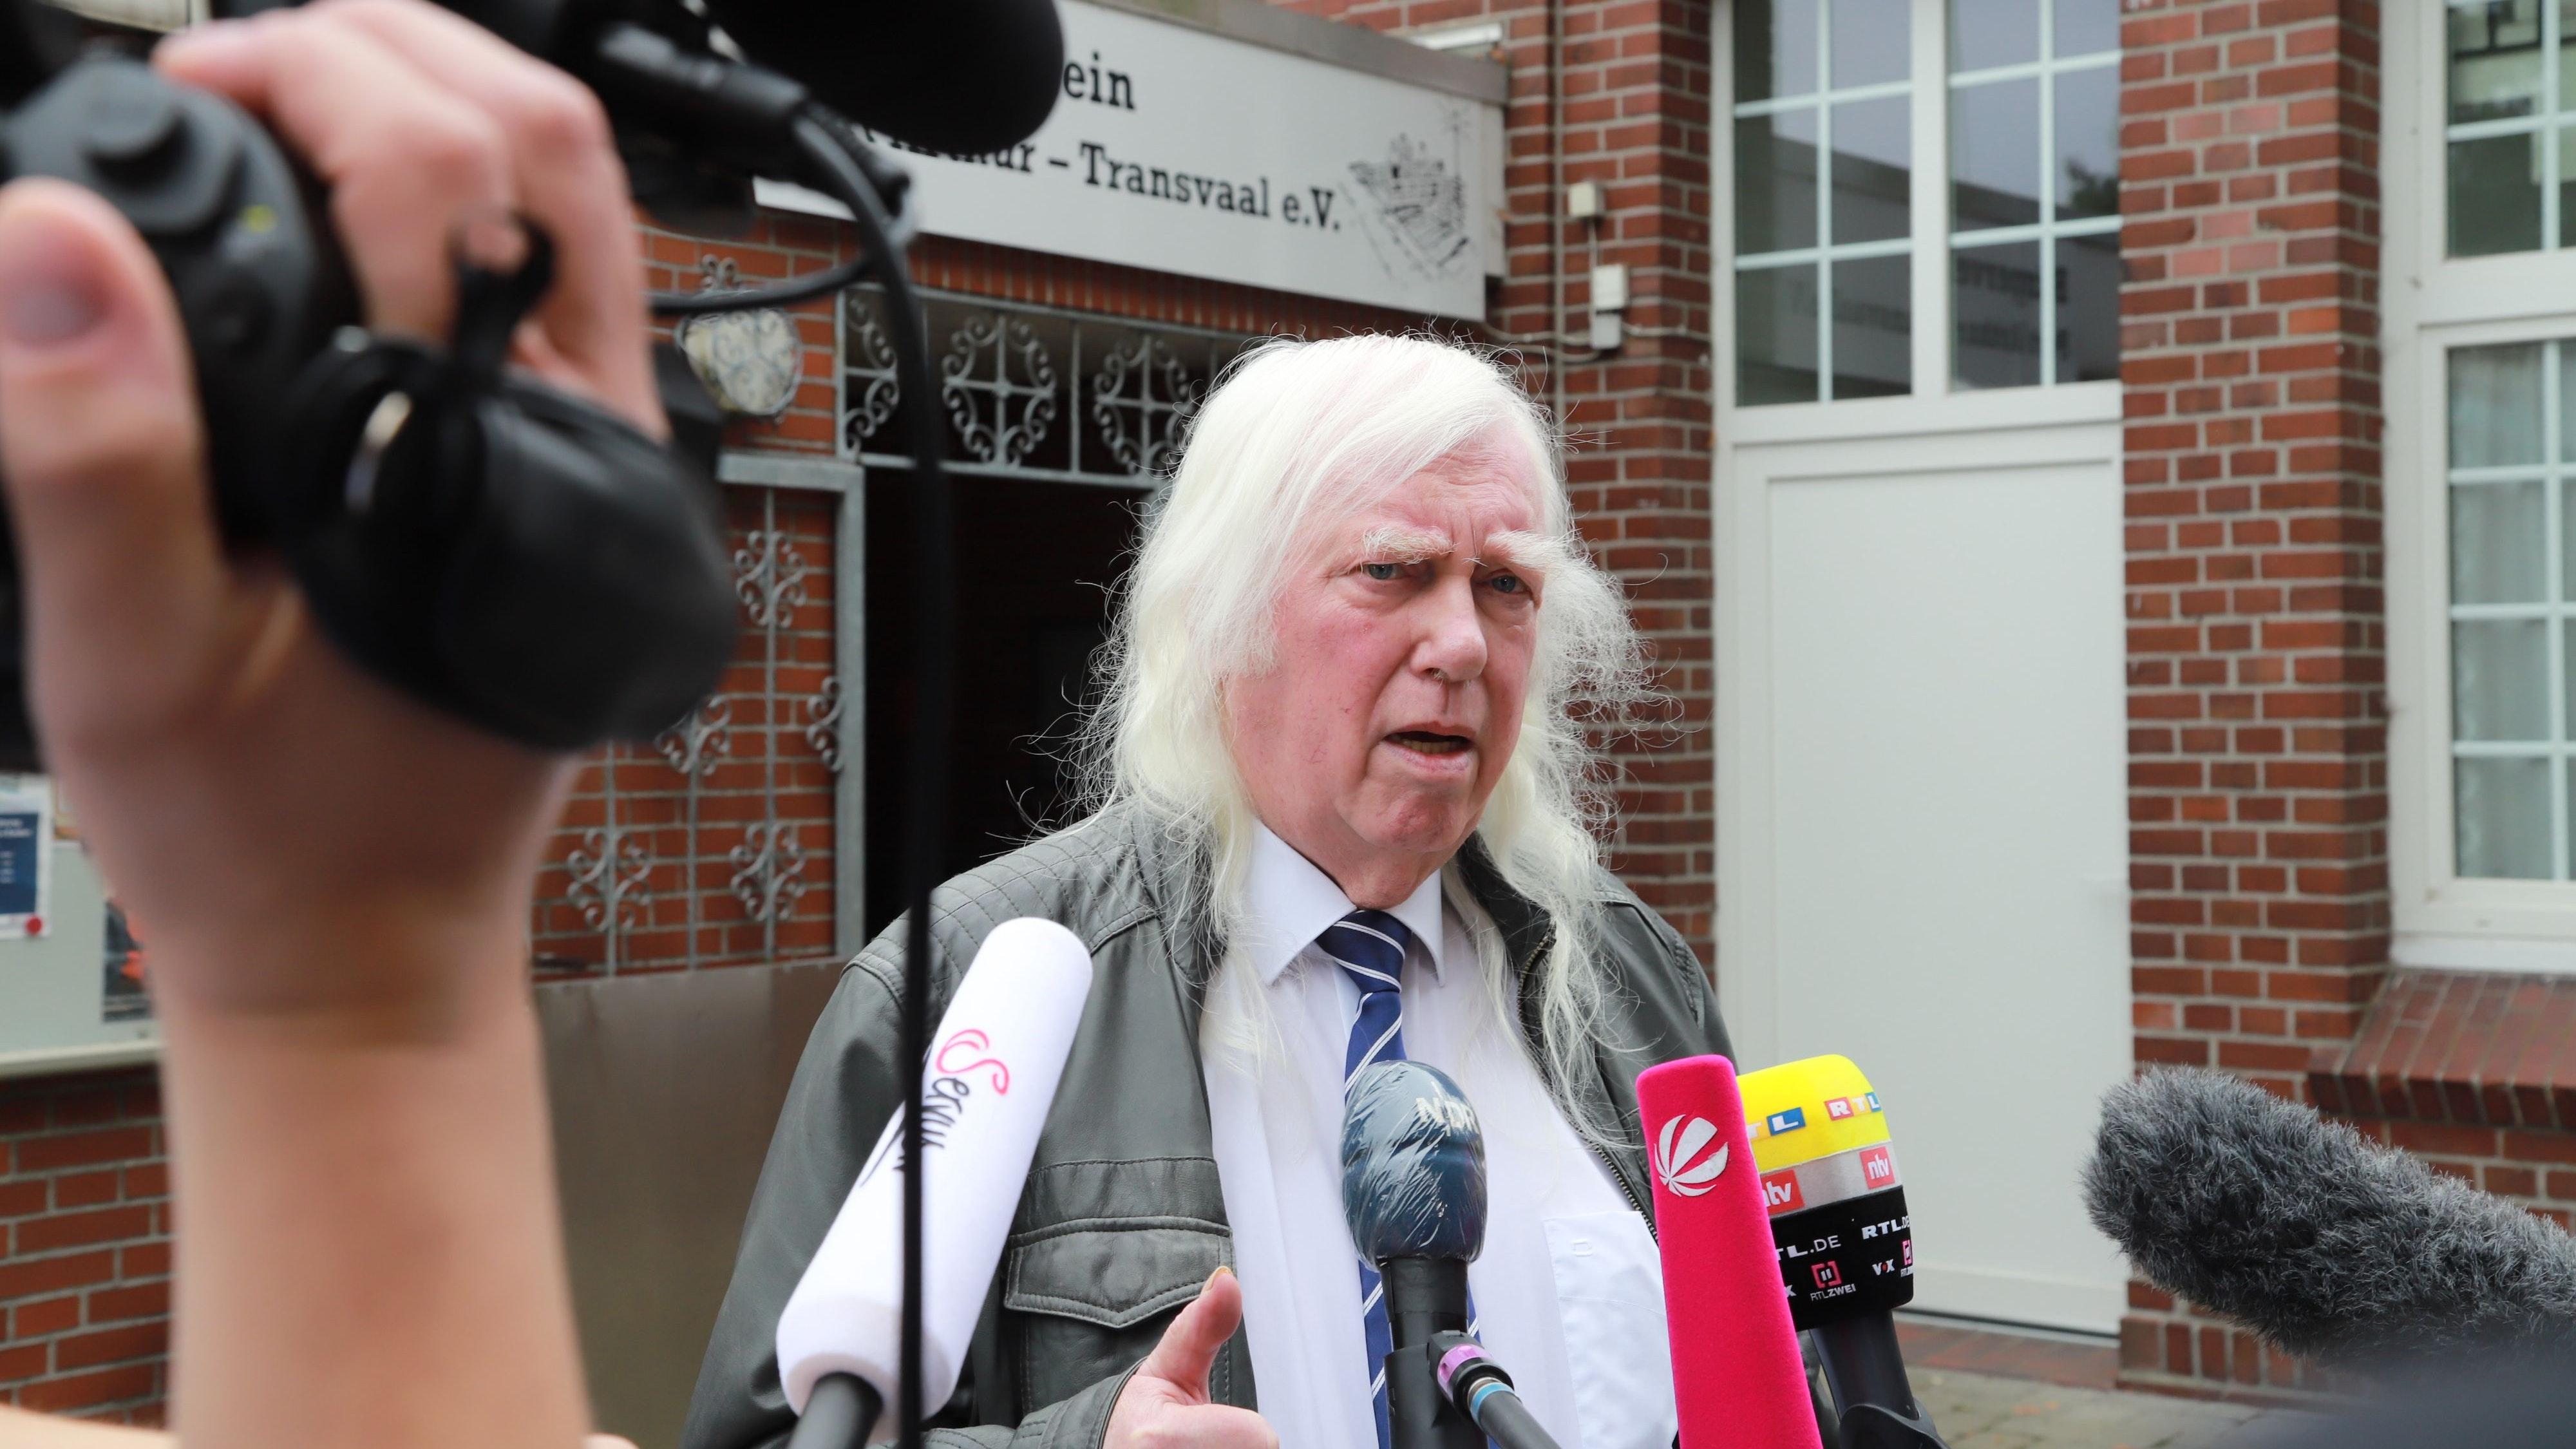 Berufung eingelegt: Rechtsanwalt Reinhard Nollmann vertritt den 30-jährigen Bootsführer aus Barßel. Foto: Passmann